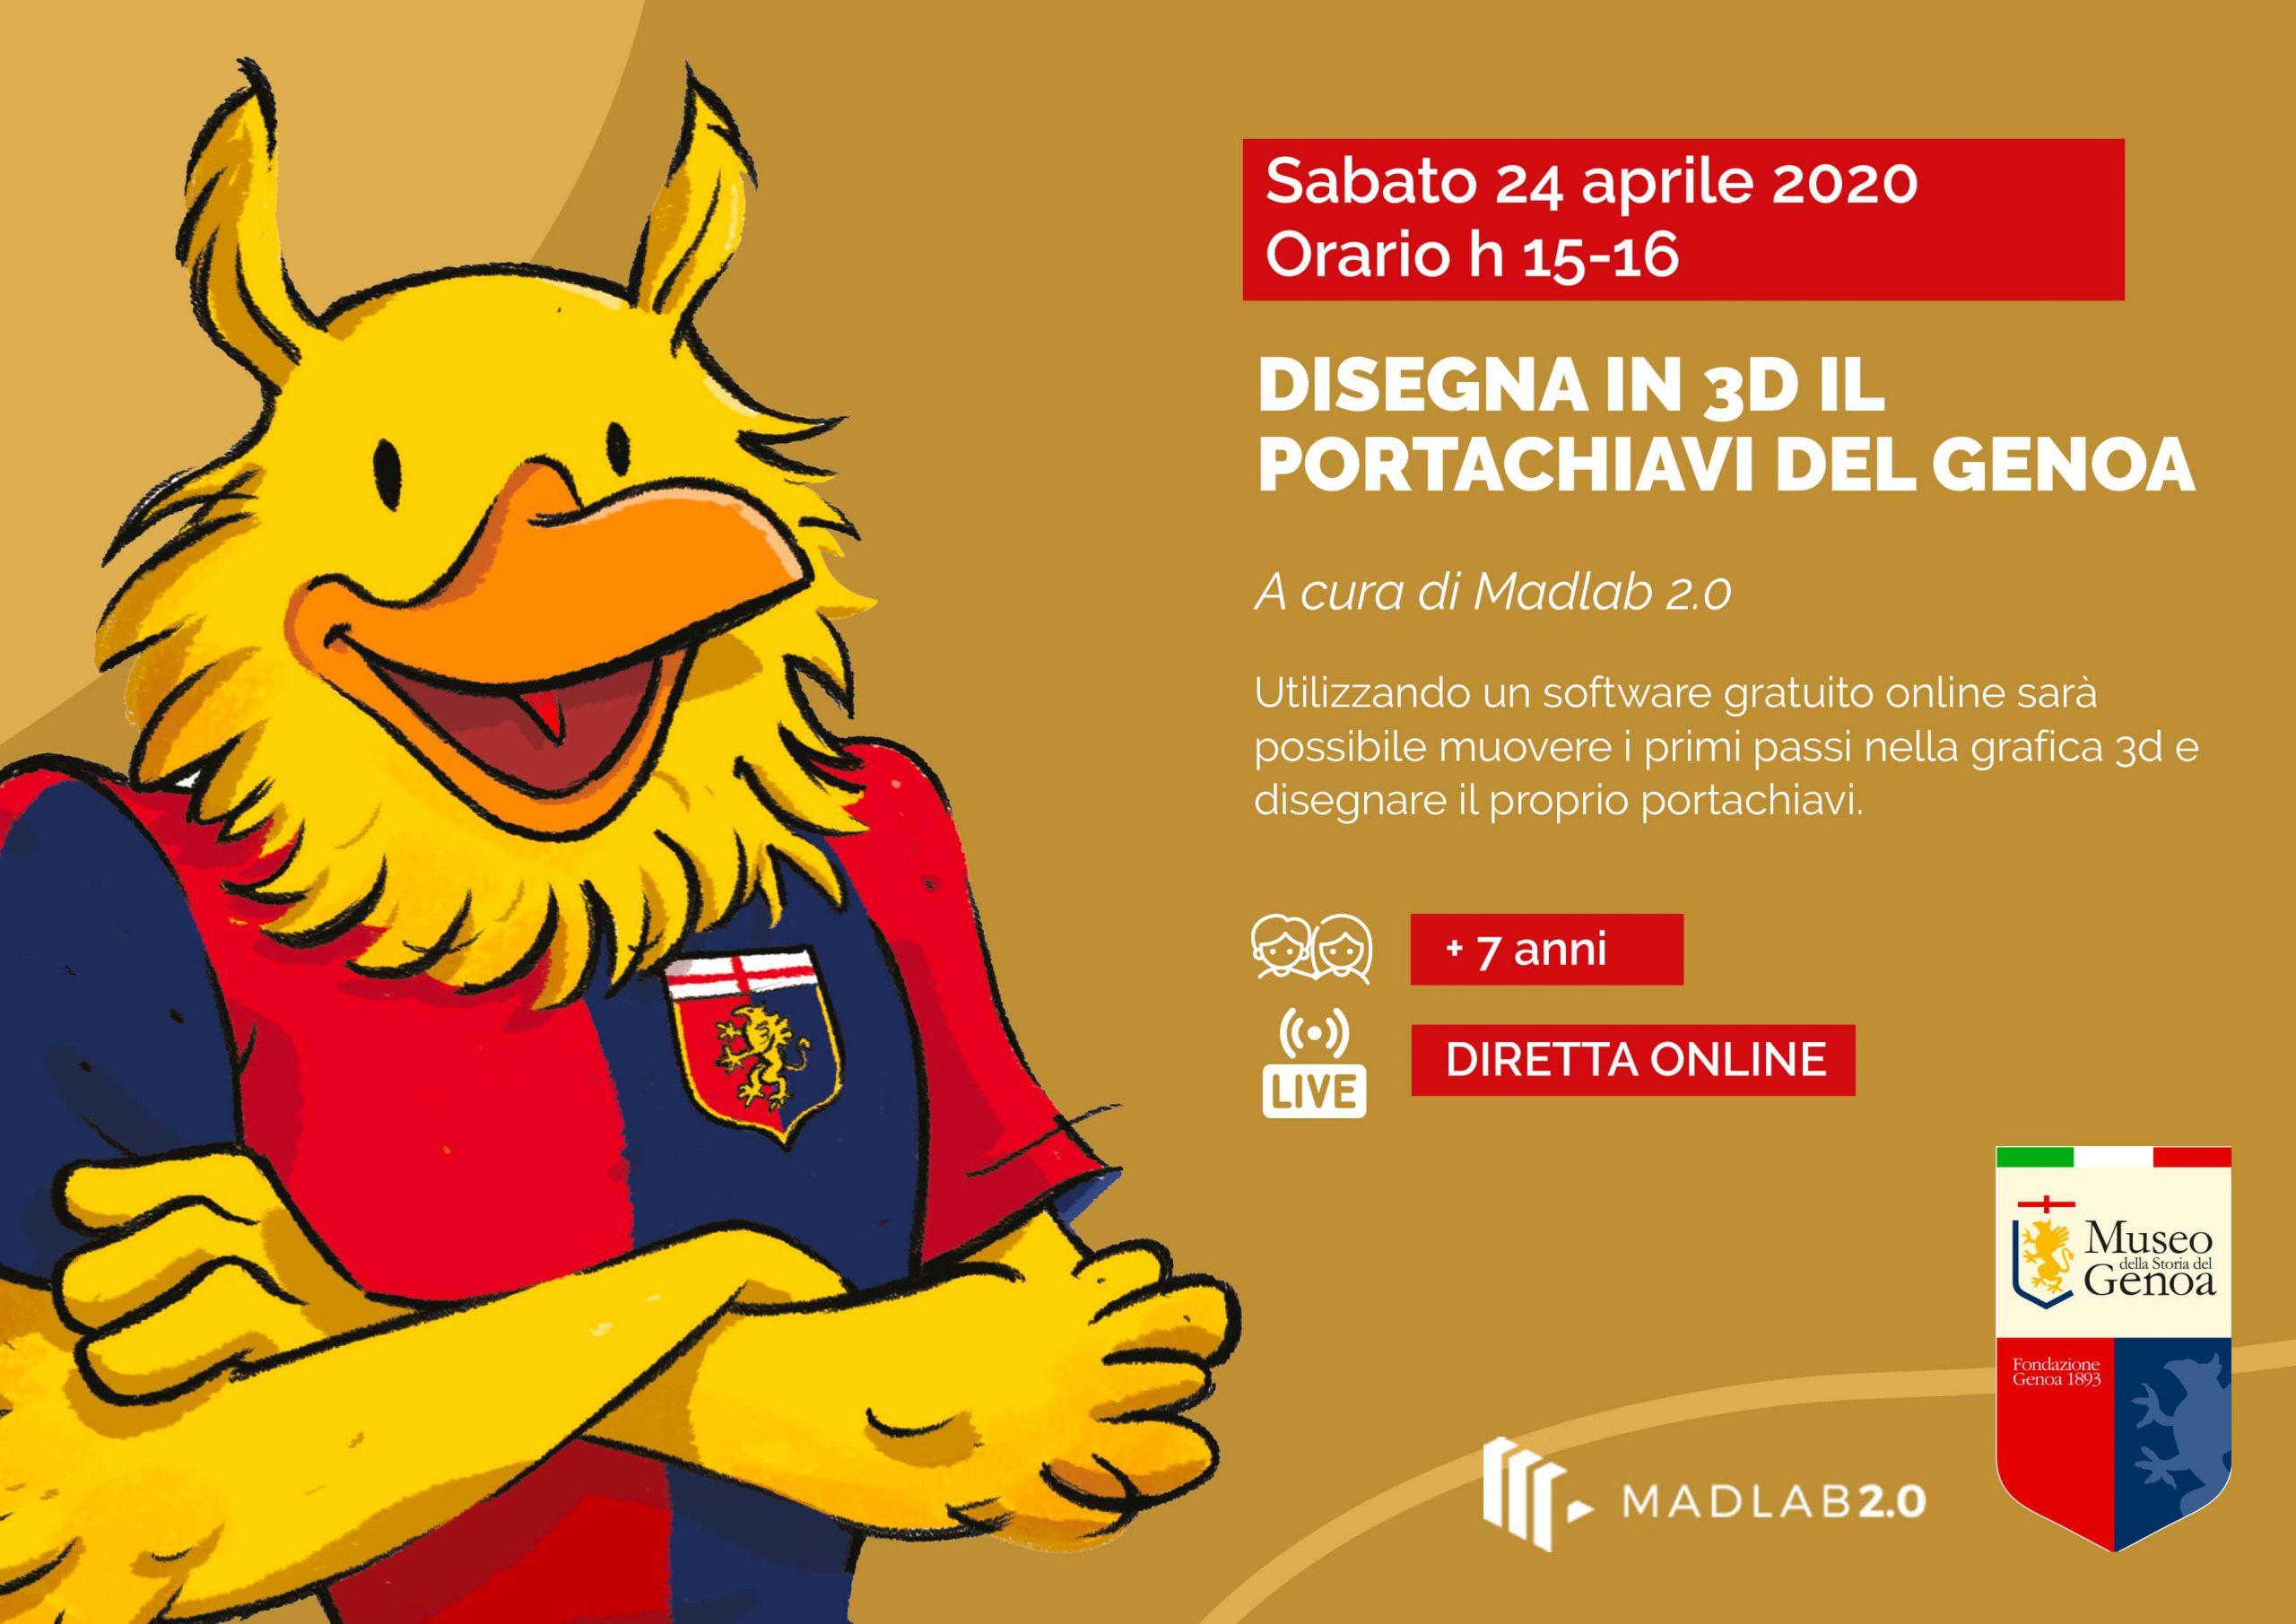 disegna in 3d il portachiavi del Genoa